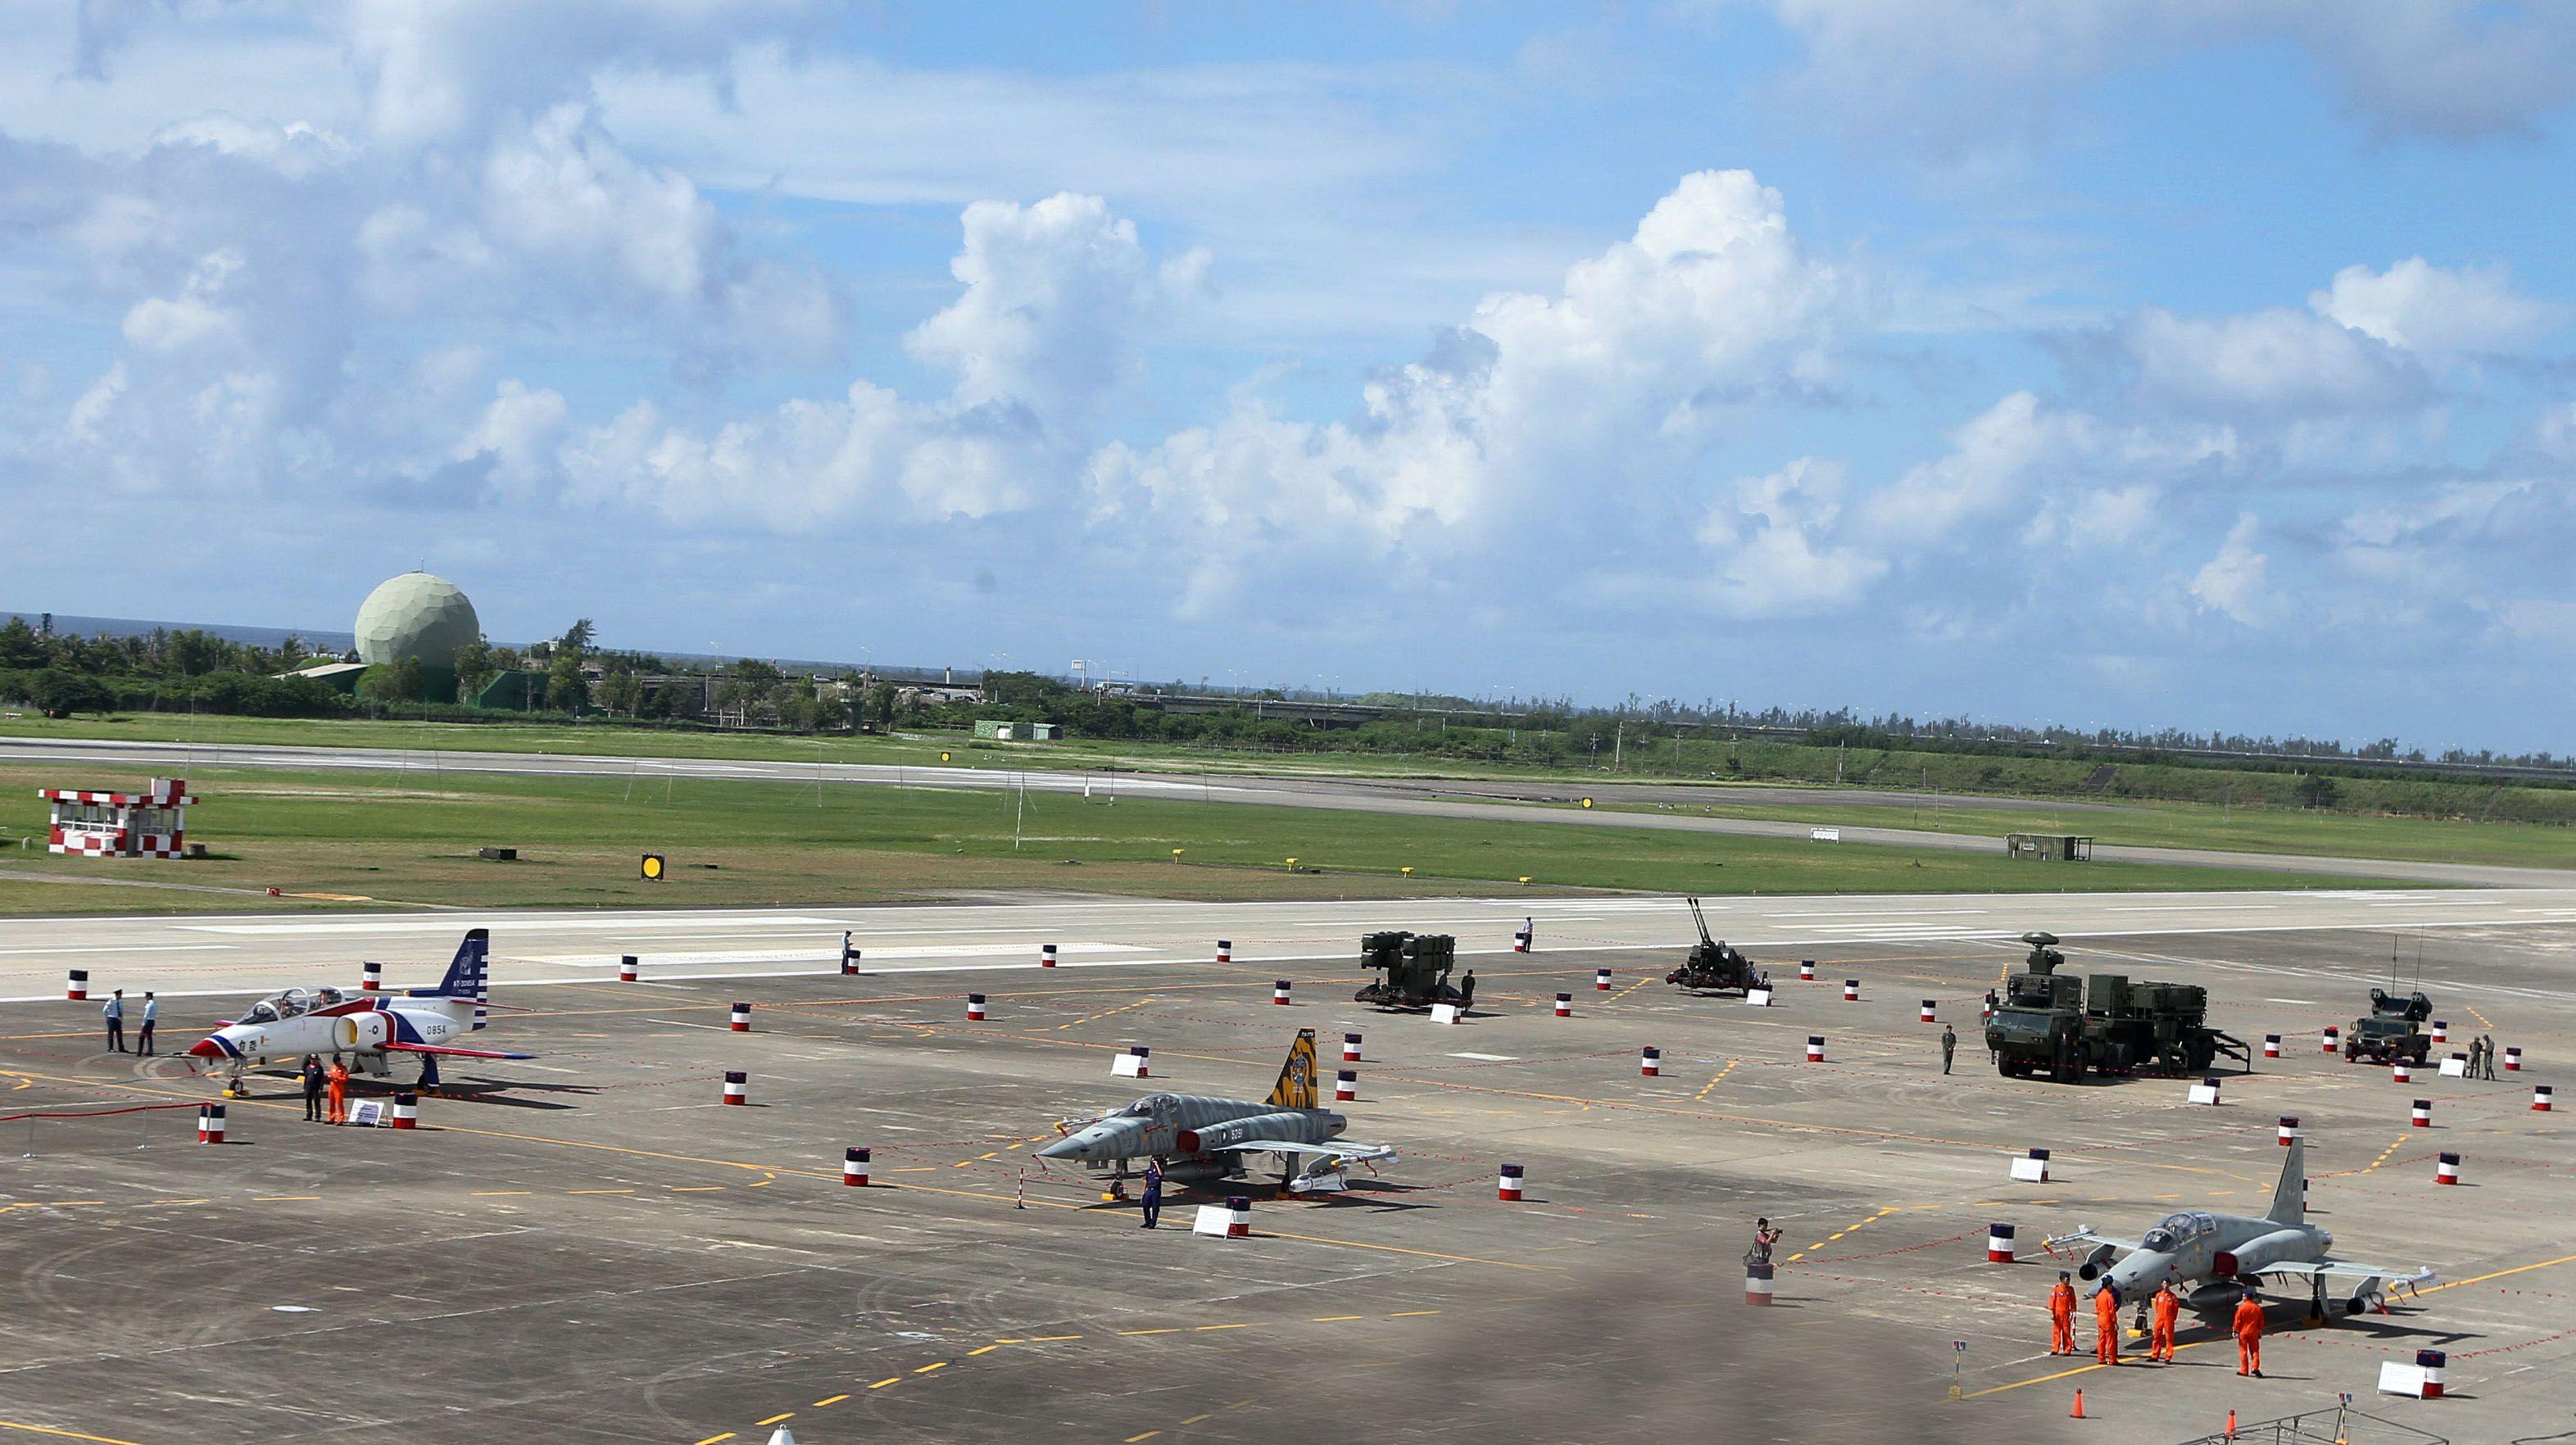 107空軍國防知性之旅營區開放台東志航基地登場。(記者邱榮吉/台東拍攝)